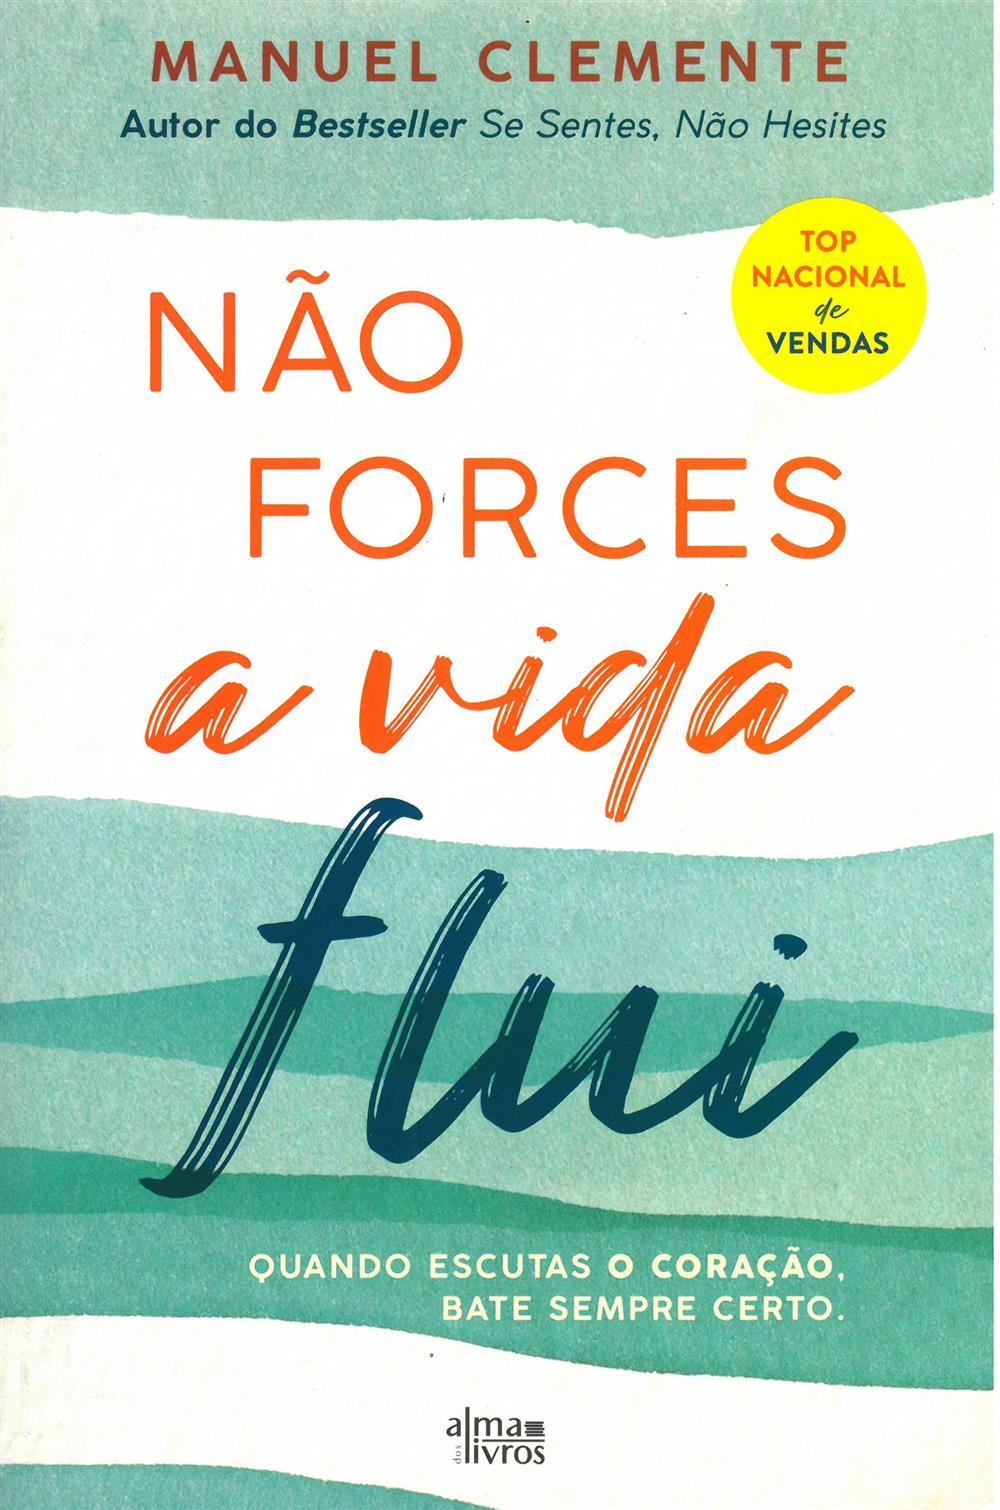 CLEMENTE, Manuel (2021). Não forces a vida flui.jpg